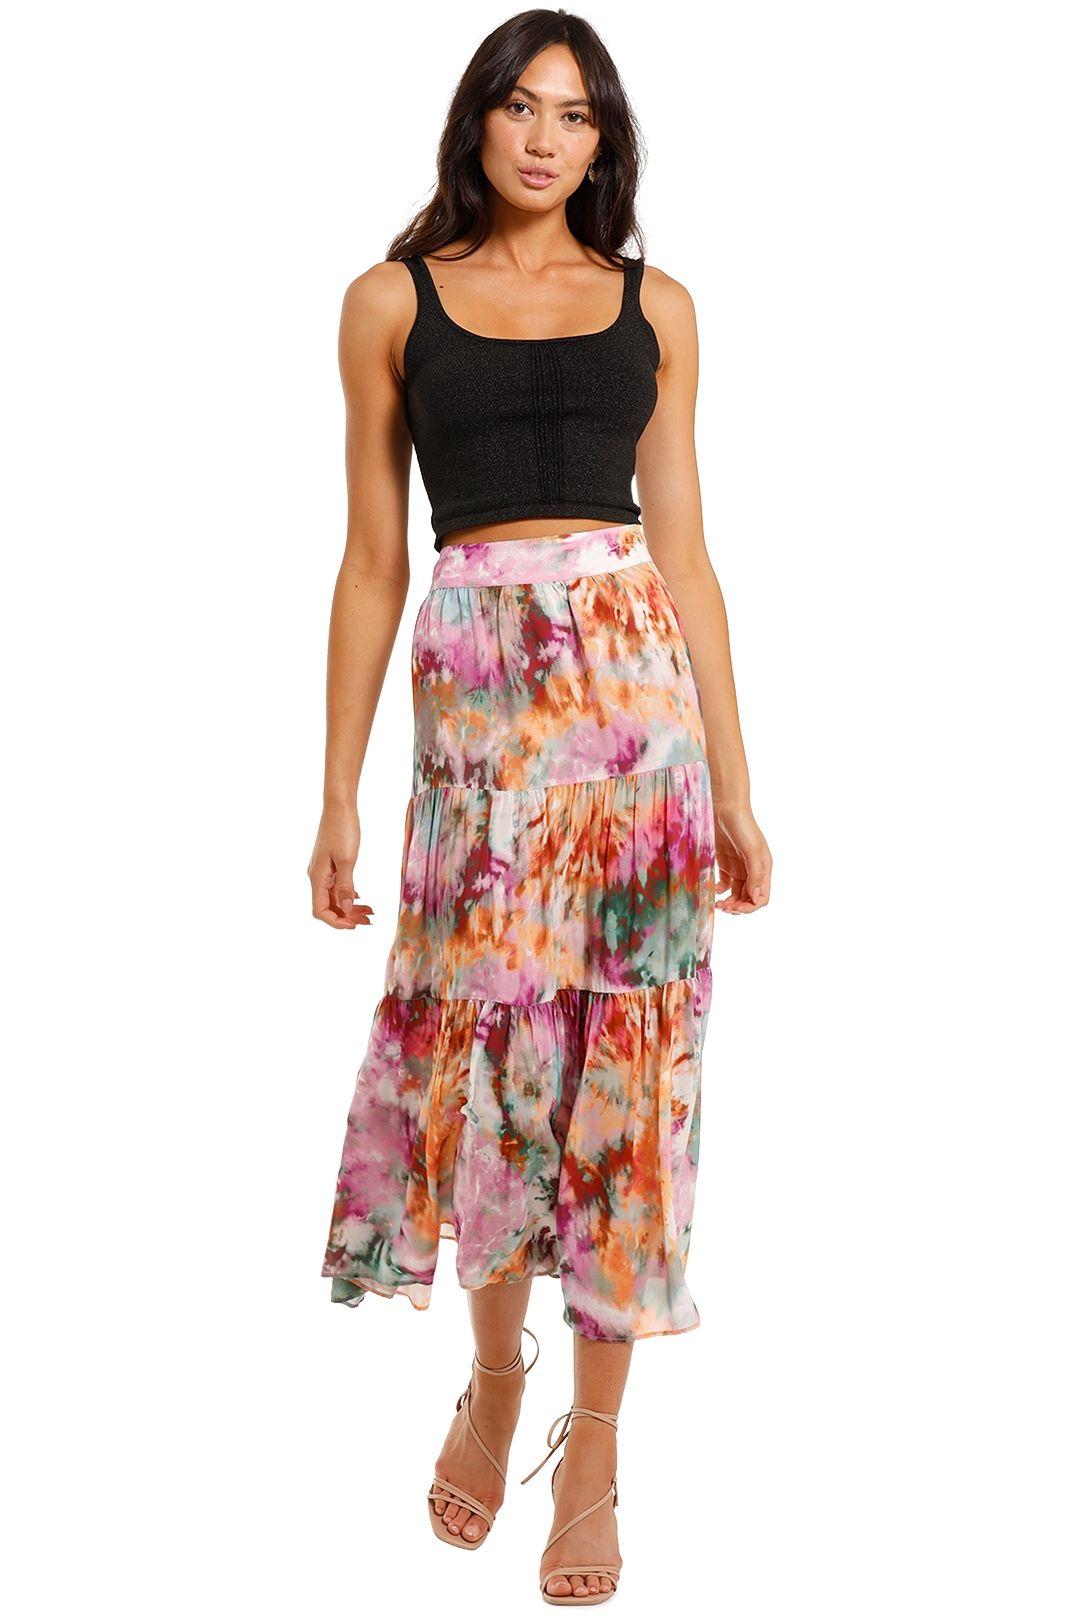 Kachel Beck Skirt